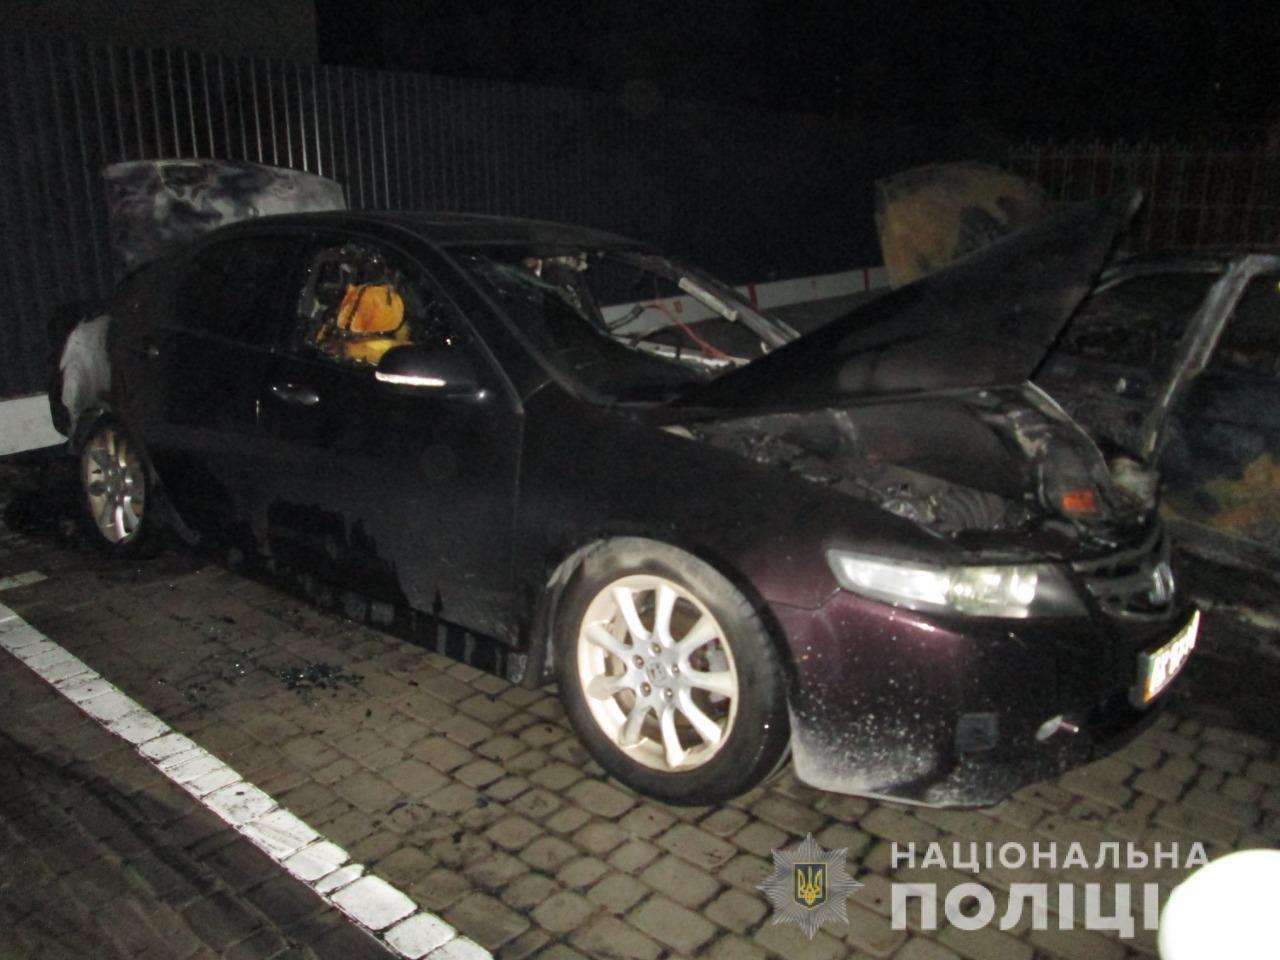 В Харькове во дворе жилого дома подожгли автомобили «ВАЗ» и «Honda», - ФОТО, ВИДЕО, фото-5